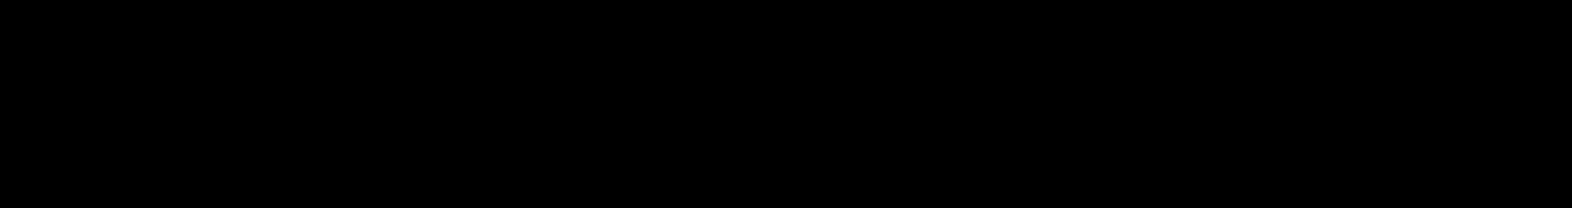 株式会社グローバルテクノ コンサル事業部